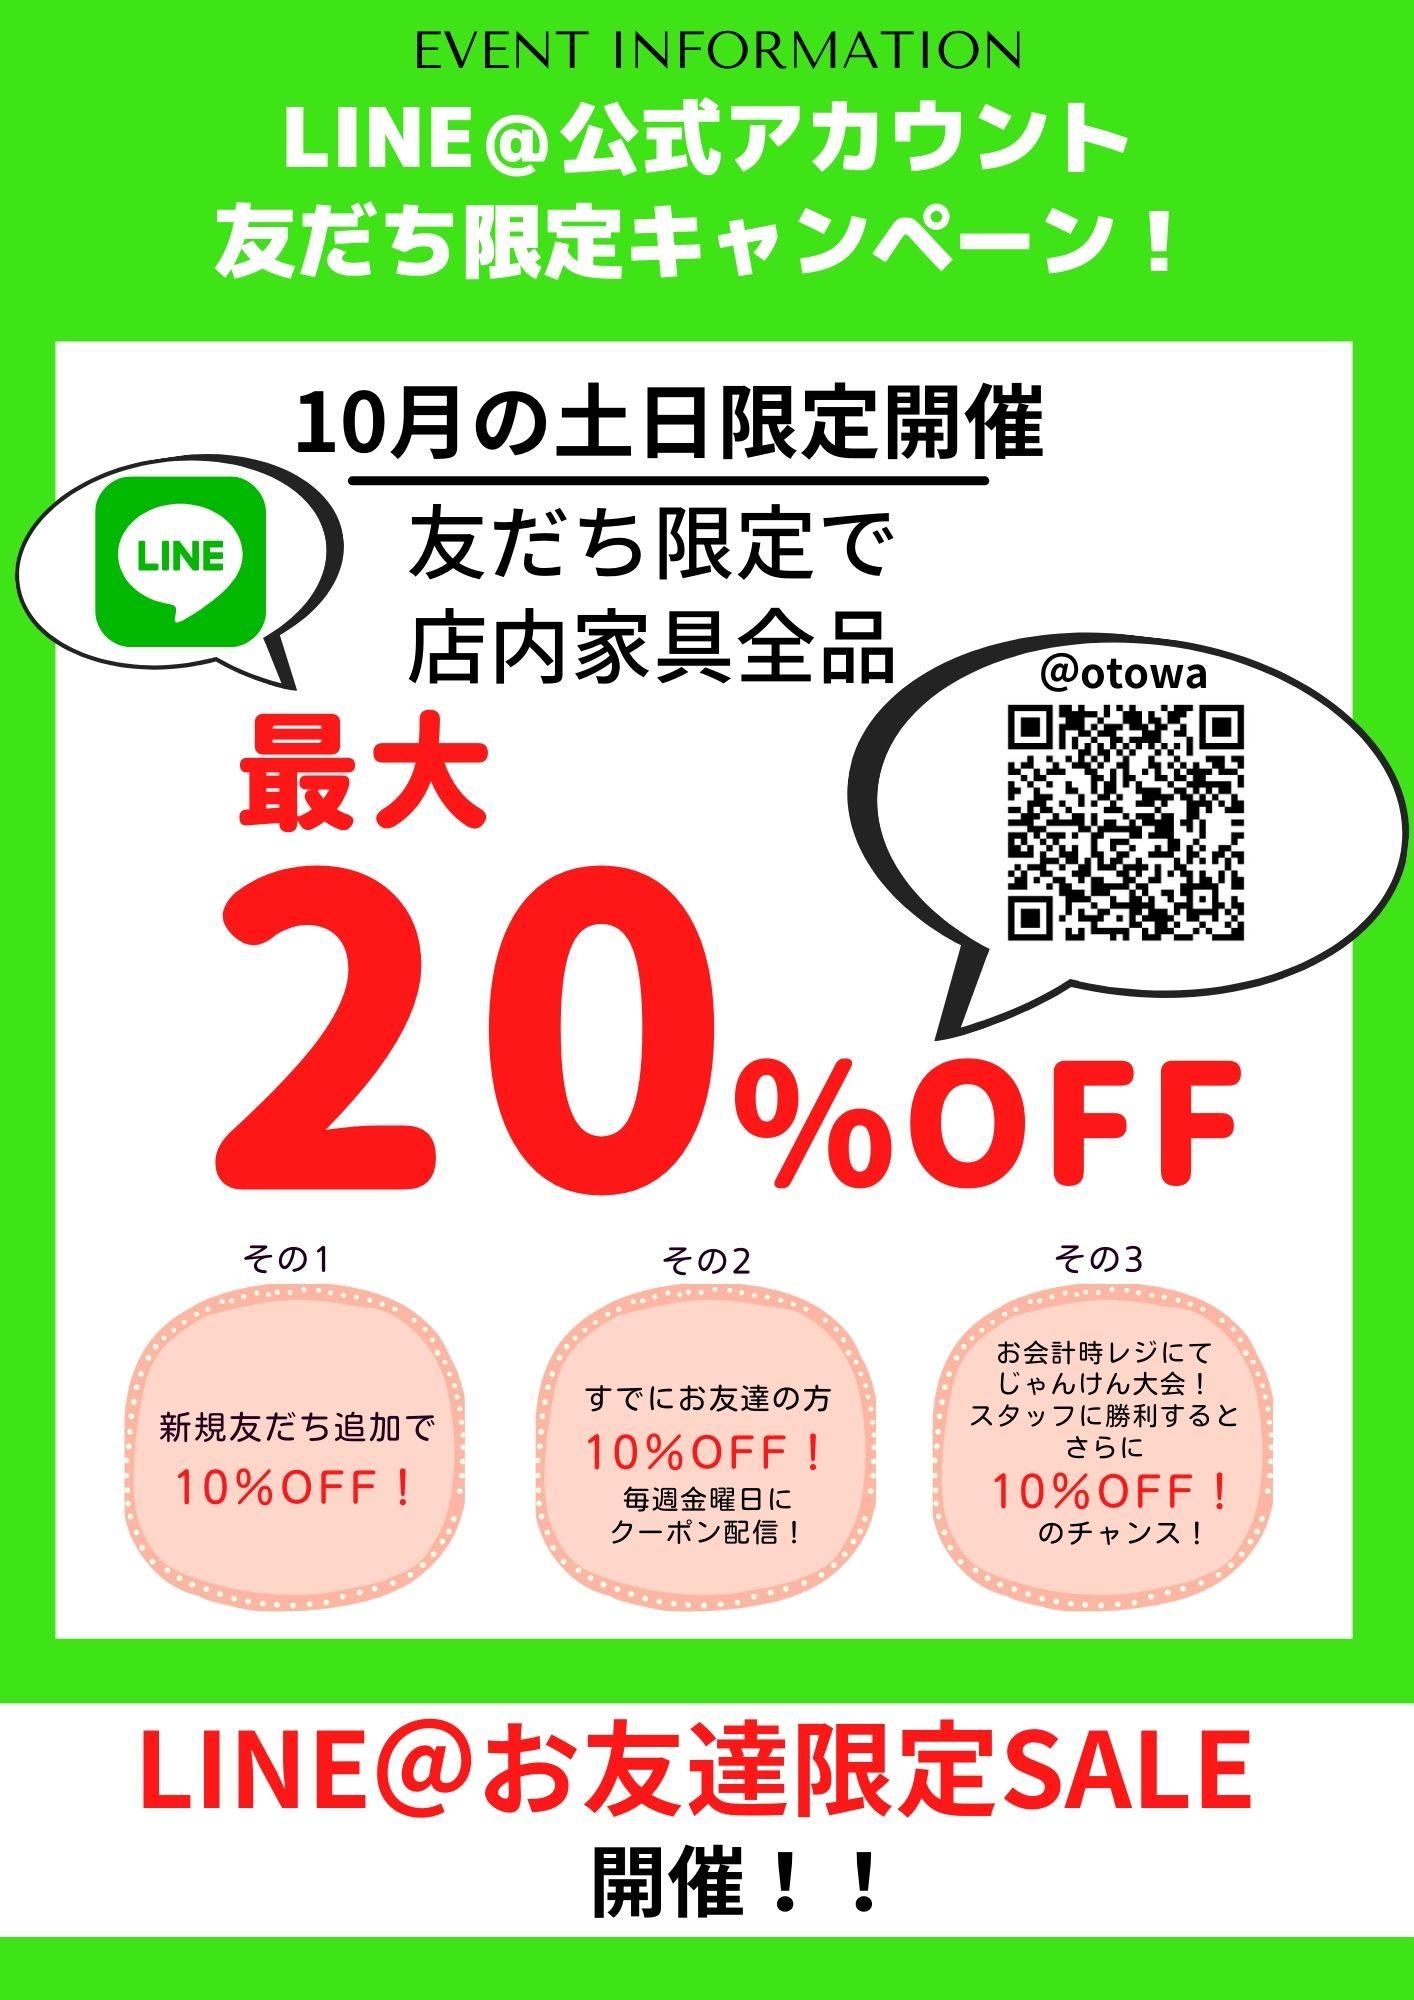 宇都宮 LINE@友だち限定キャンペーン